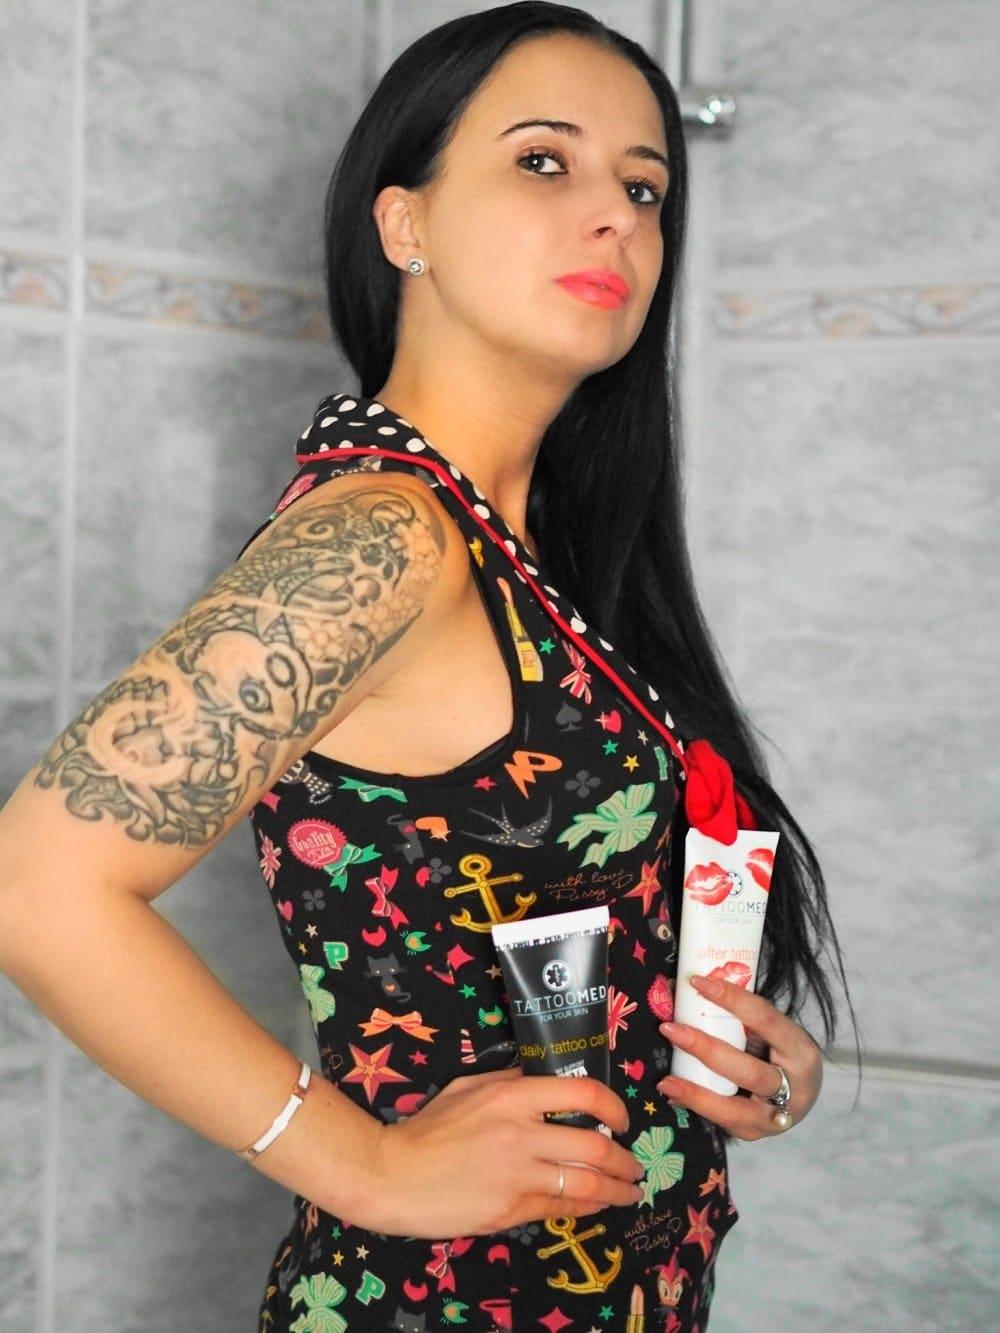 Heute zeige ich euch wunderbare vegane Pflegeprodukte für eure Tattoos von TattooMed und führe ein kleines Interview mit den Machern der Marke